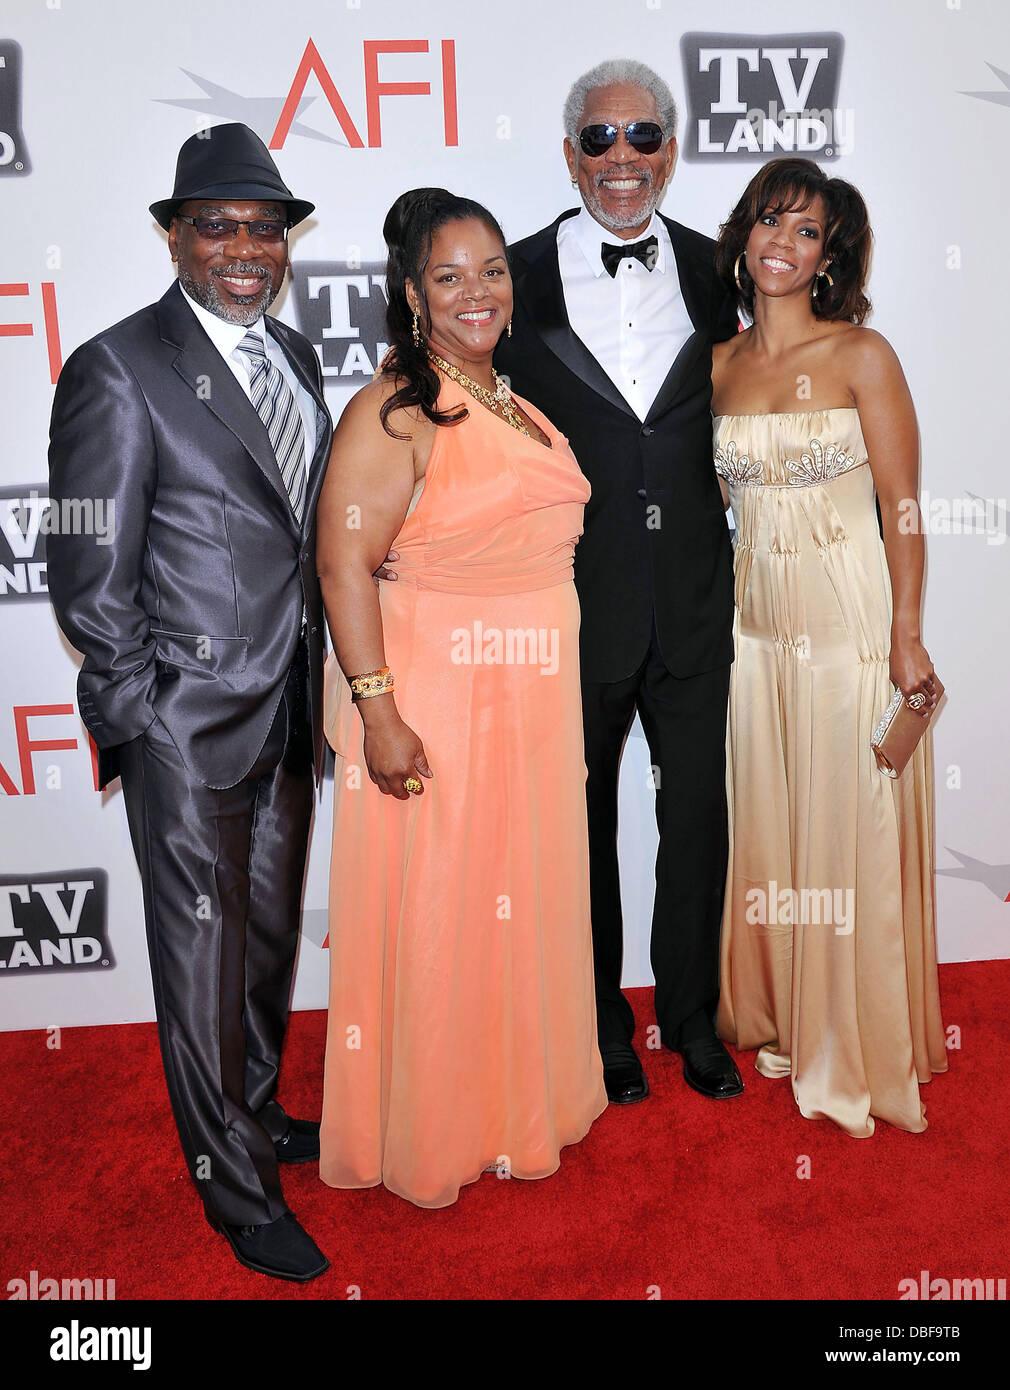 Morgan Freeman con i suoi figli e nipoti 2011 'TV Land presenta: AFI Life Achievement Award in onore di Morgan Immagini Stock